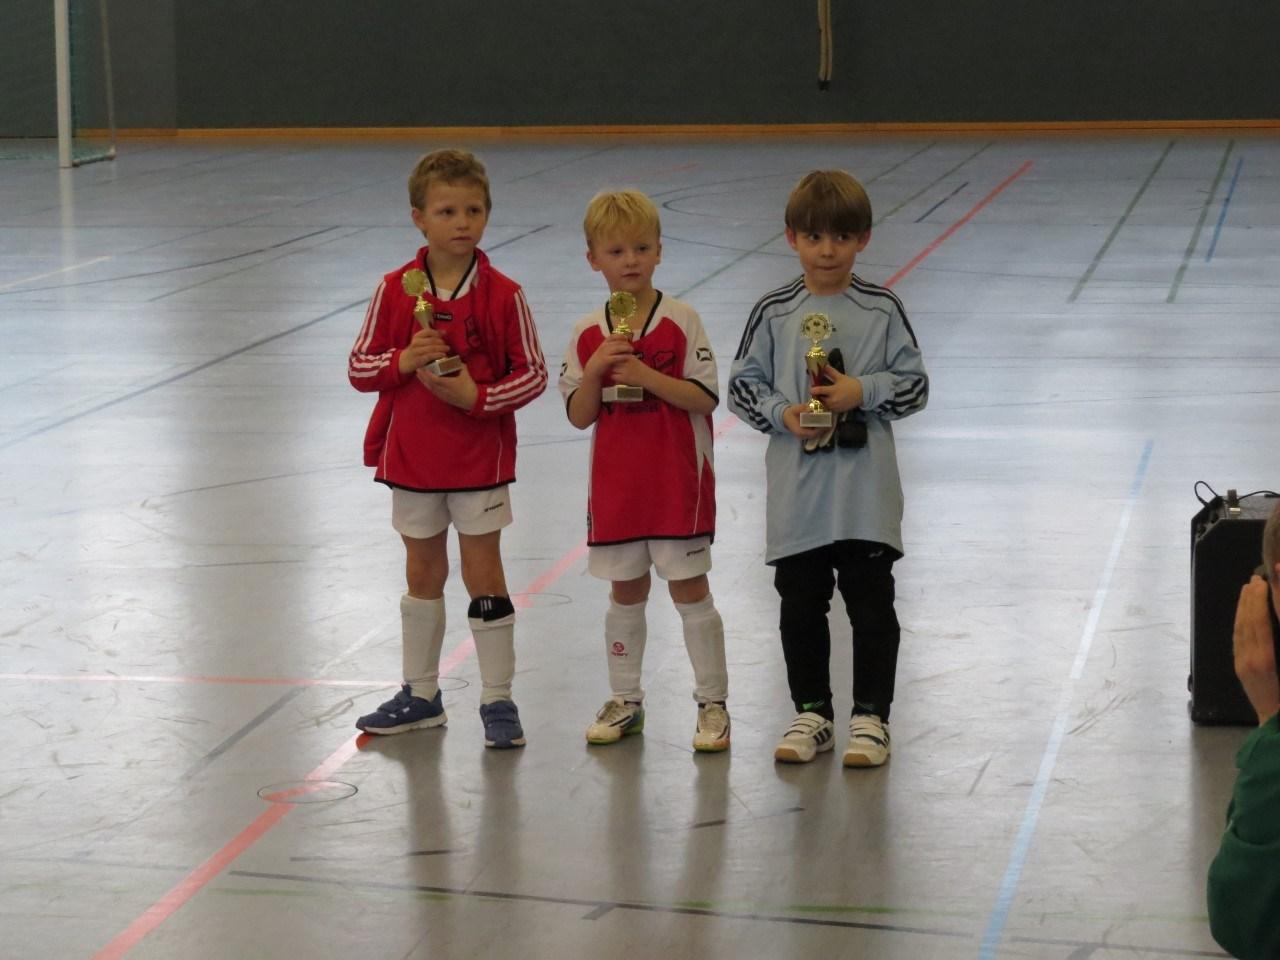 2015-01-17 Fussball Kolkwitz beste 3087